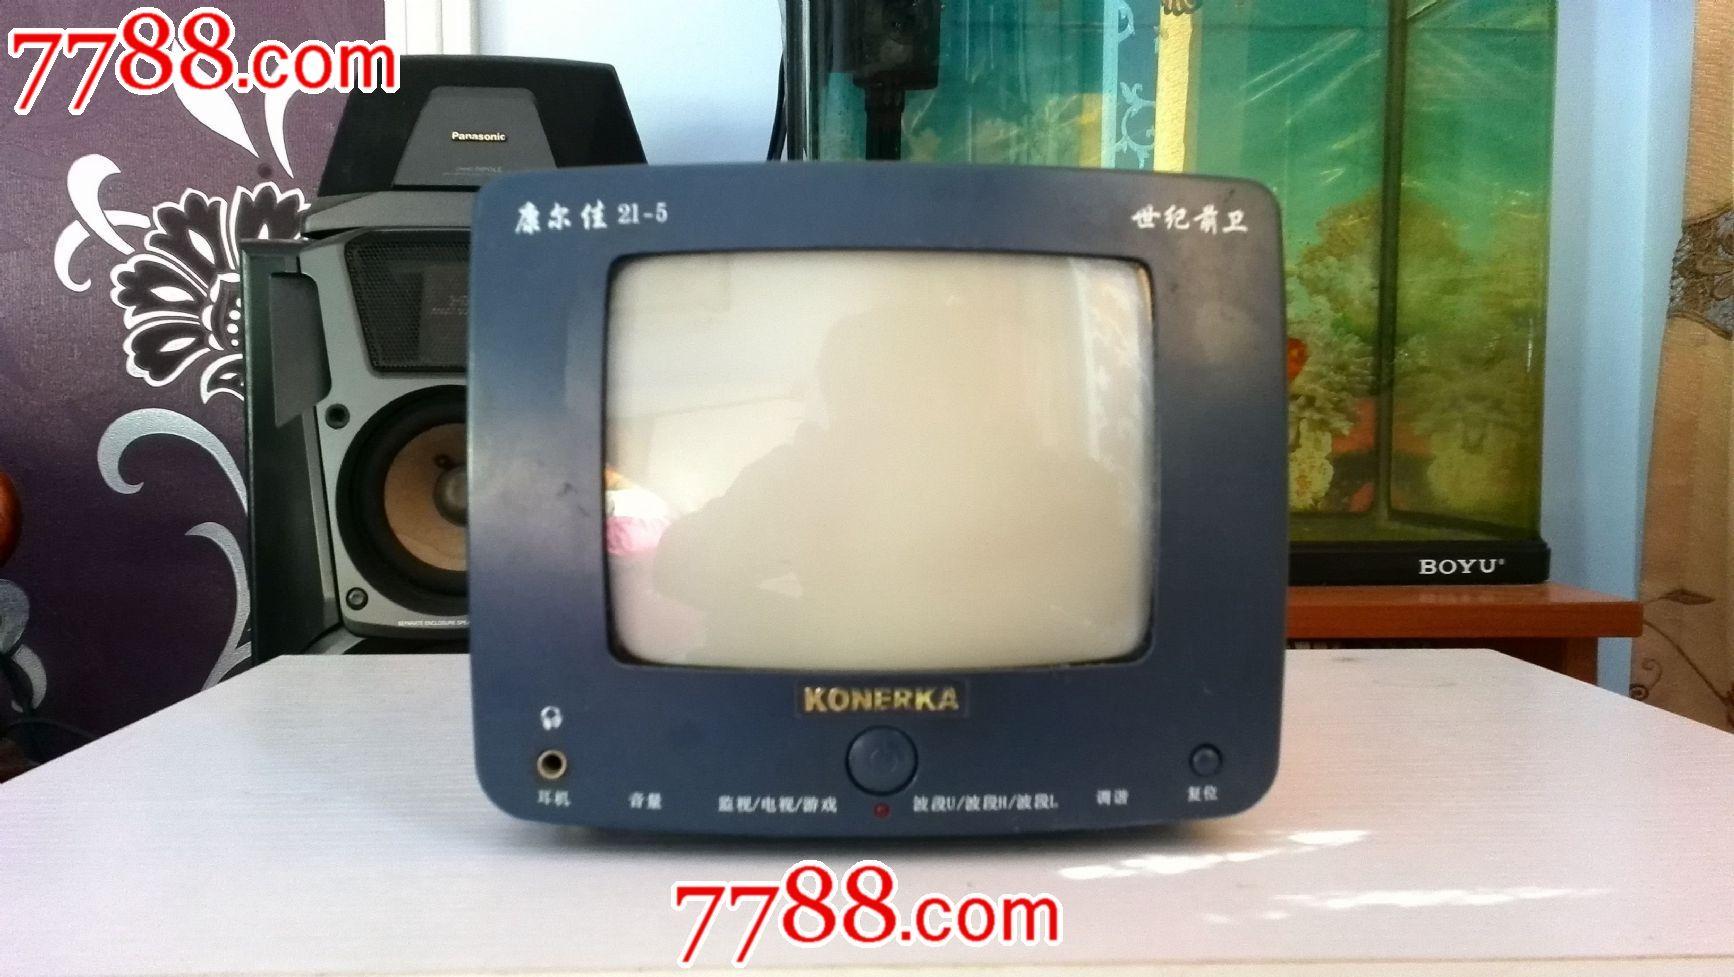 康尔佳21-5电视机_价格30元_第1张_7788收藏__中国收藏热线